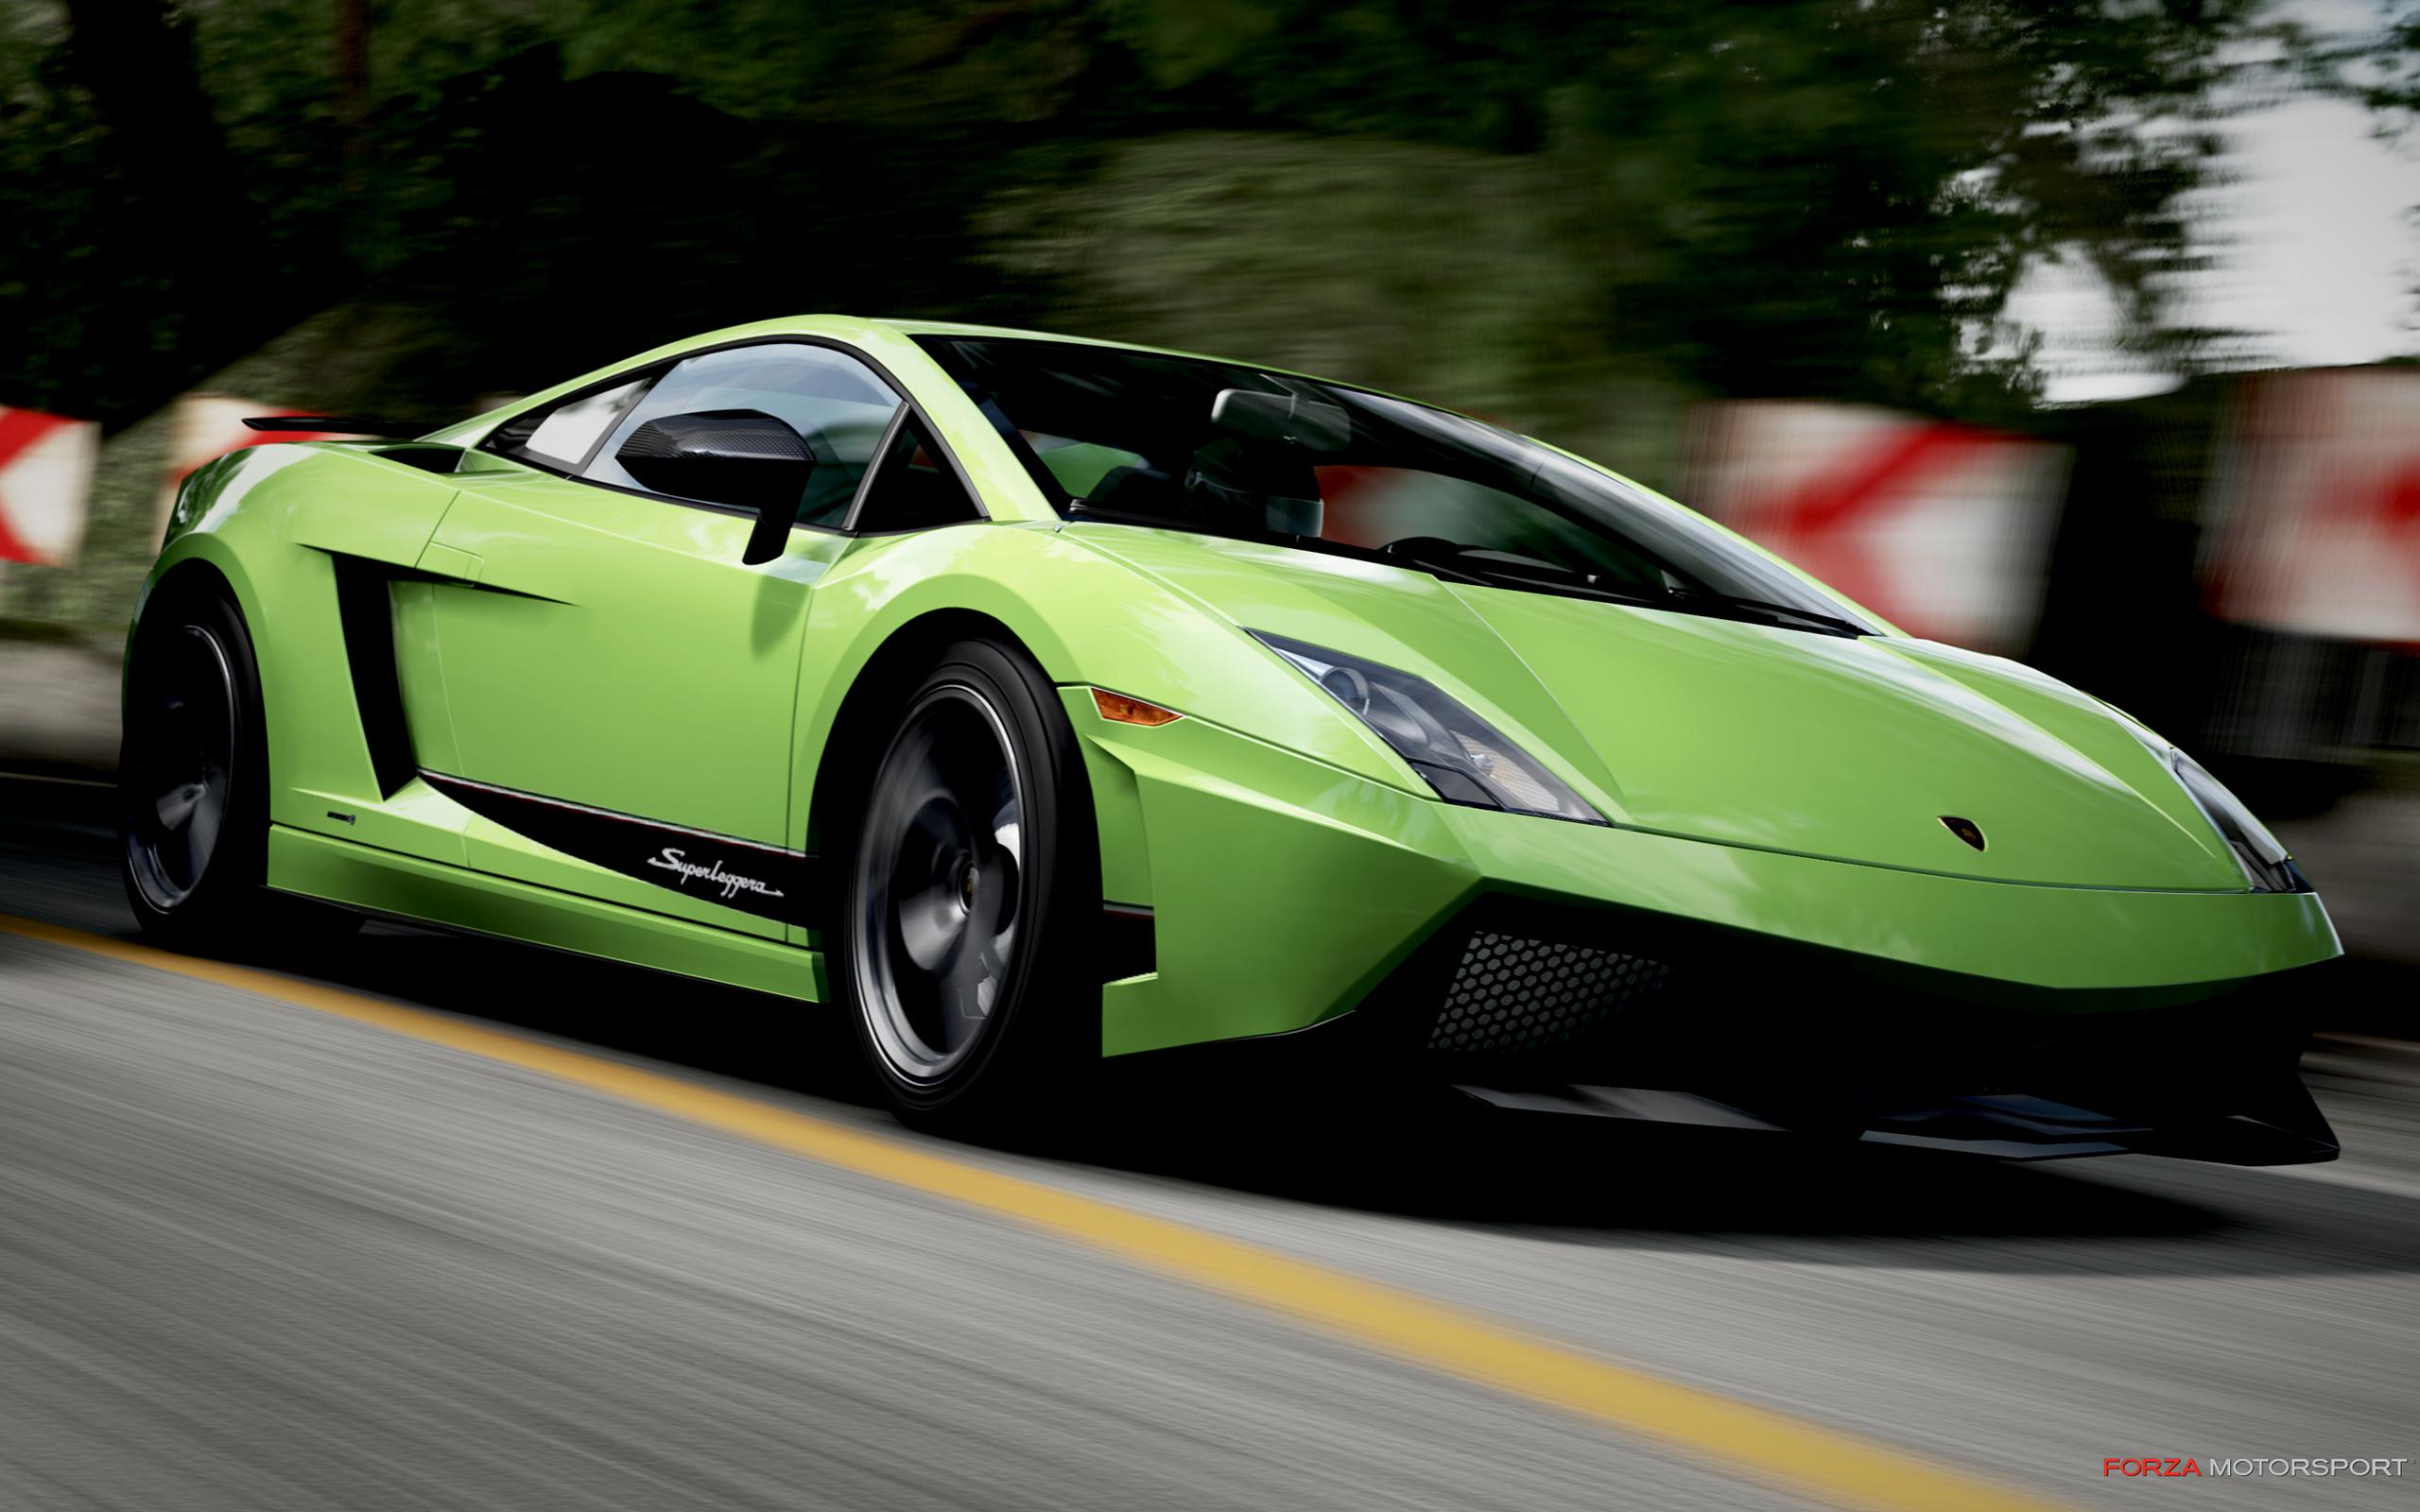 Free wallpaper of fine sports car lamborghini gallardo click to